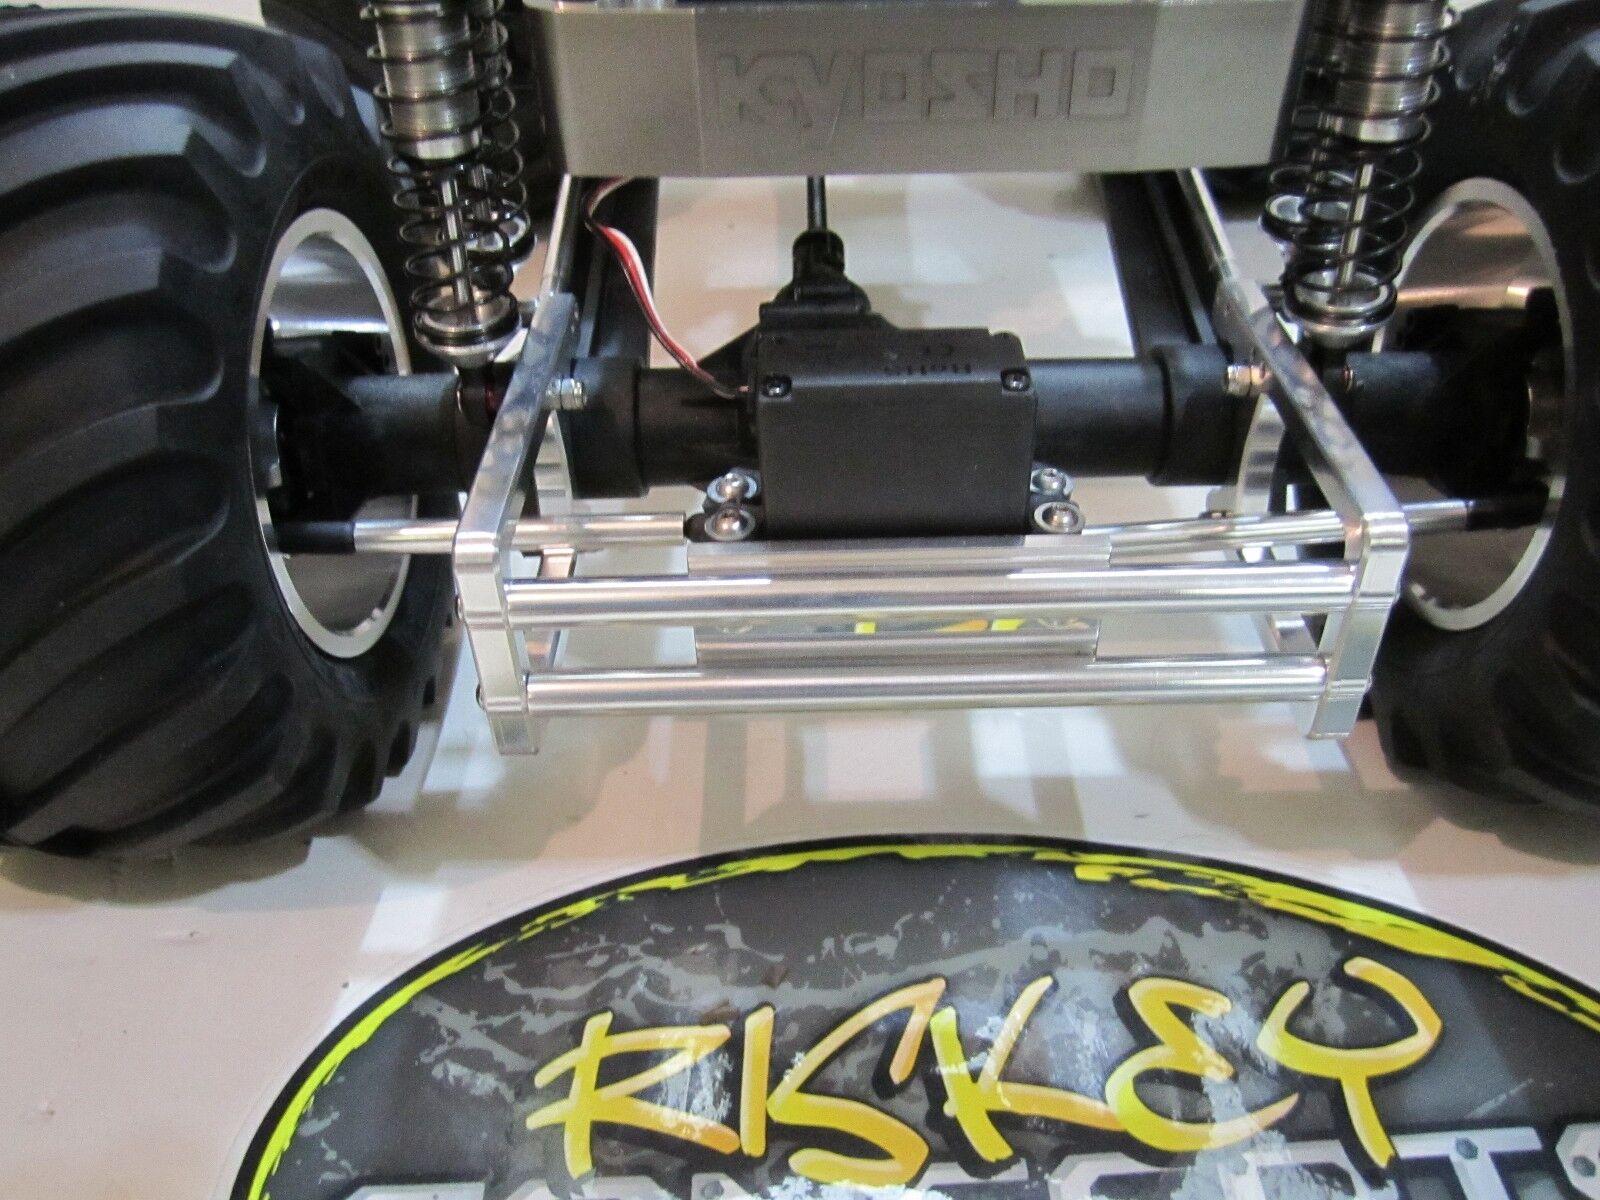 El parachoques de eje kyosho Mad Force, con el cambio de rumbo al hardware riskey.